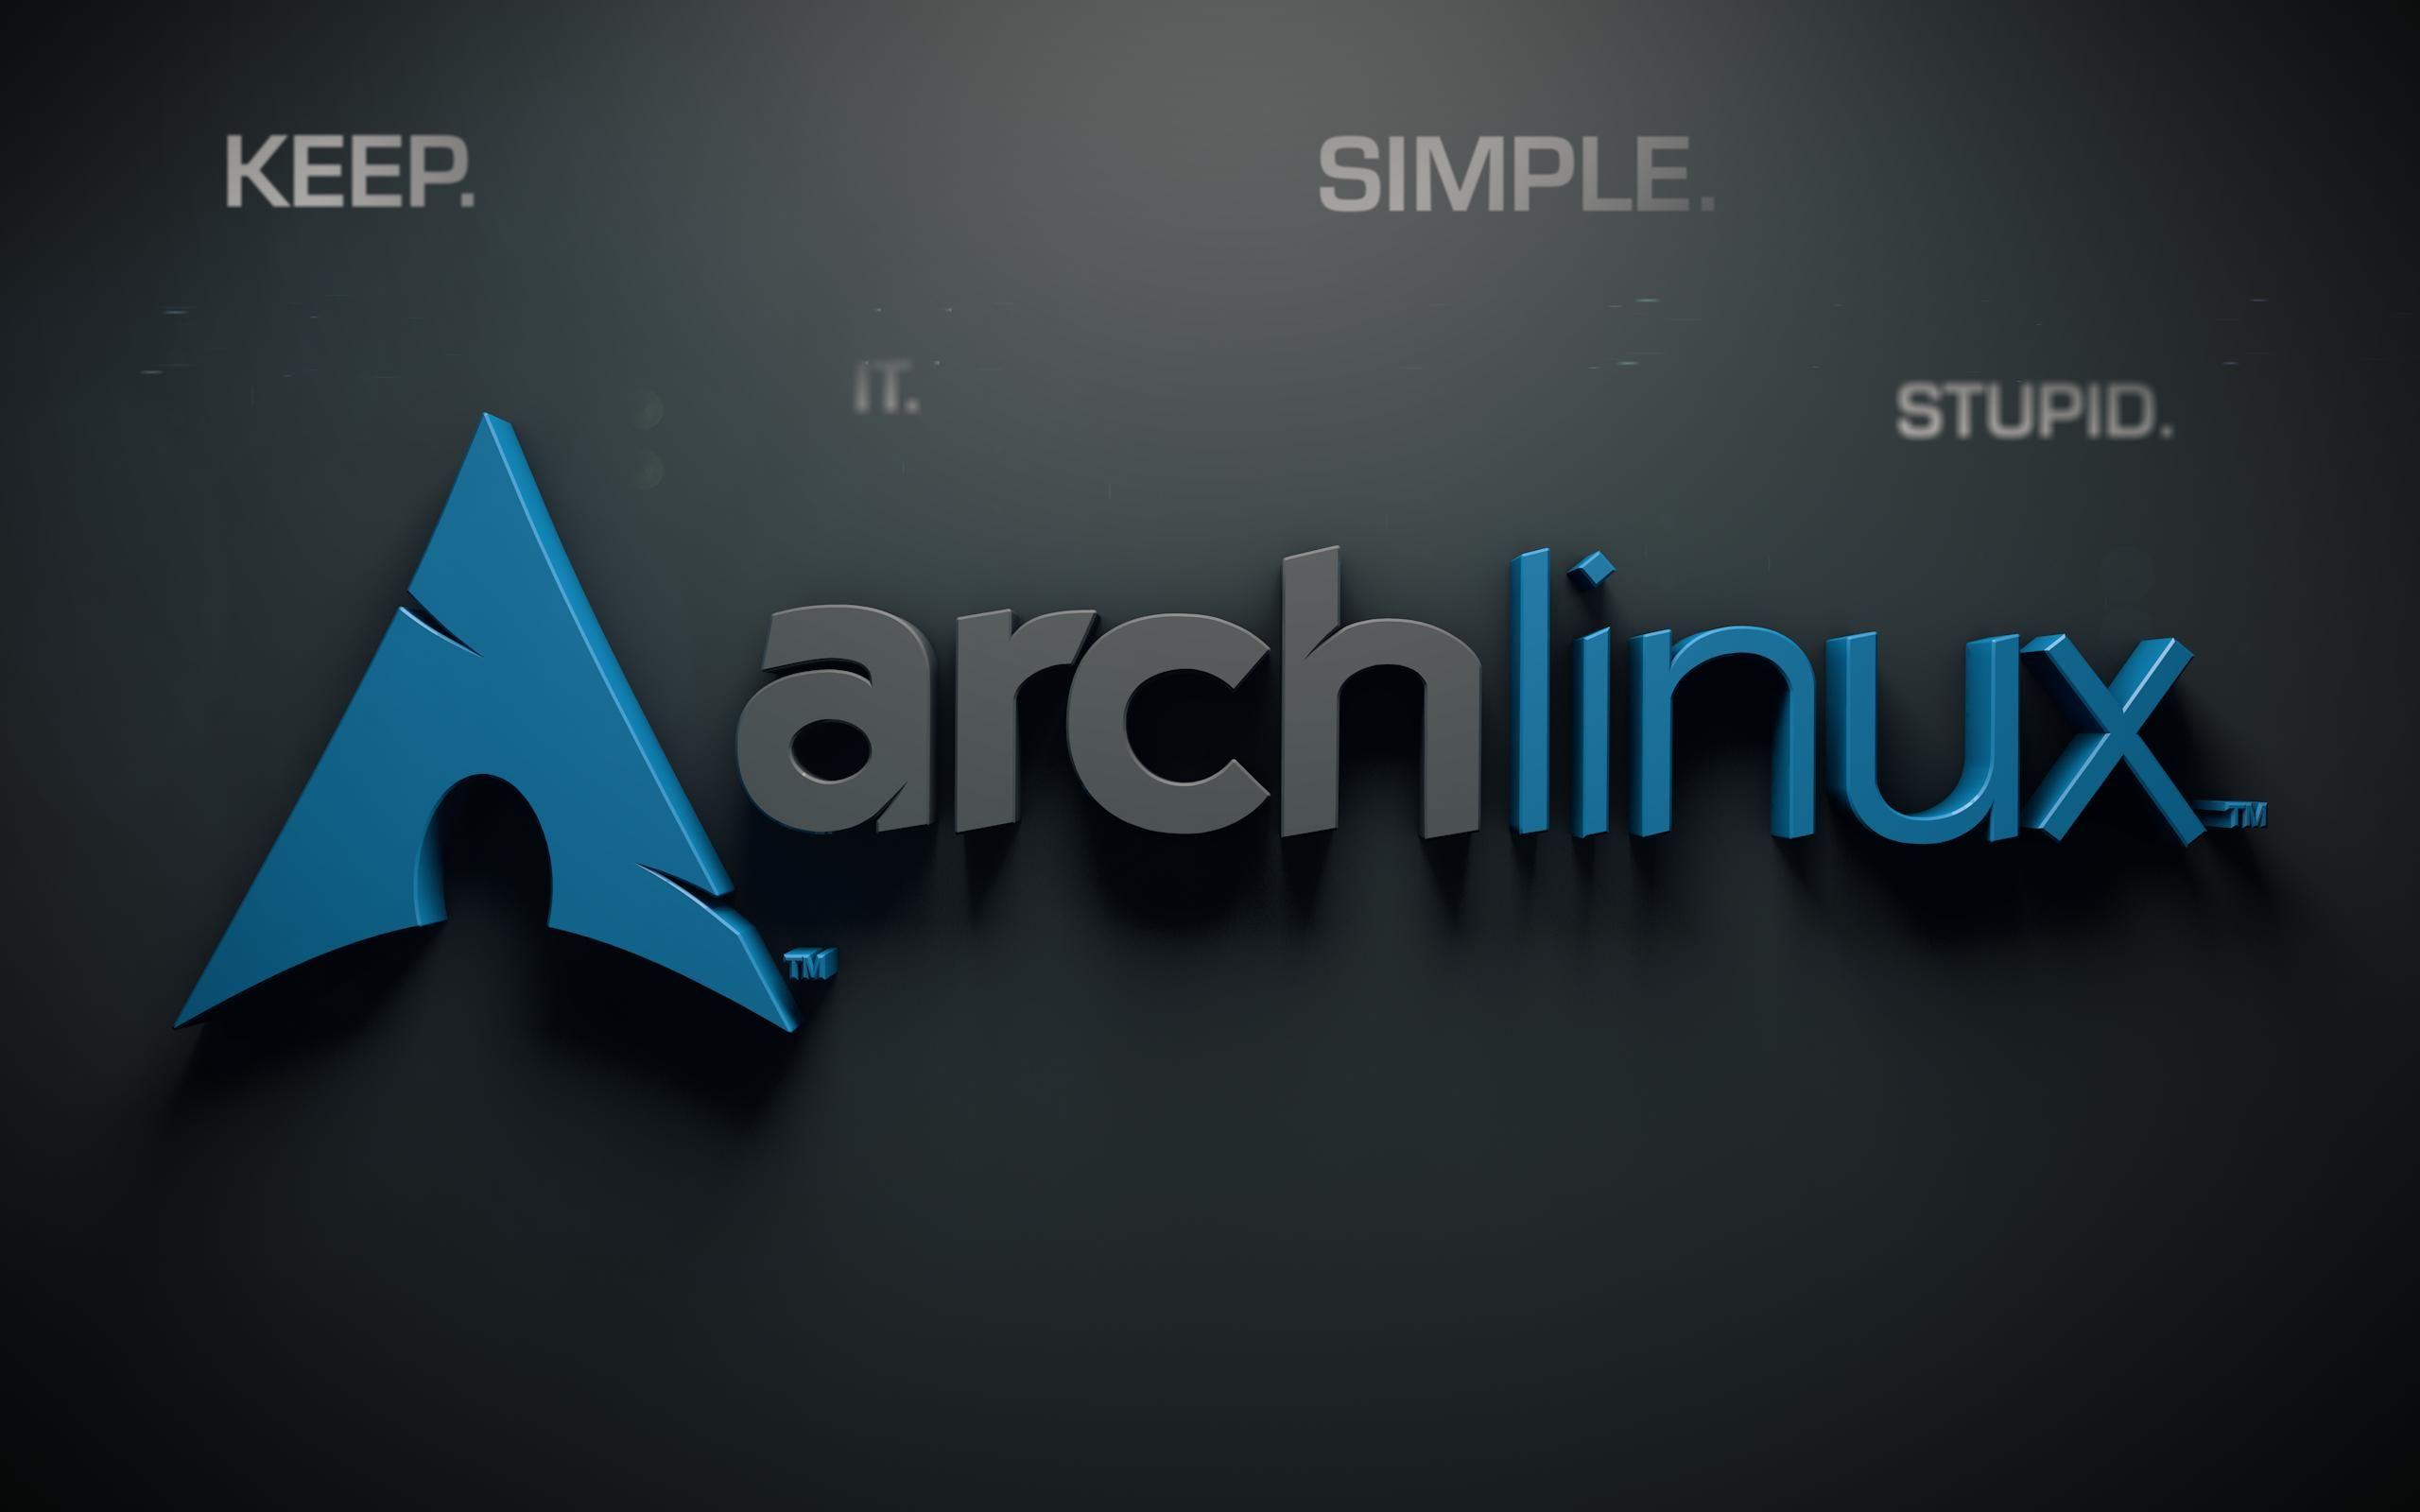 Arch Linux HD desktop wallpaper High Definition Fullscreen